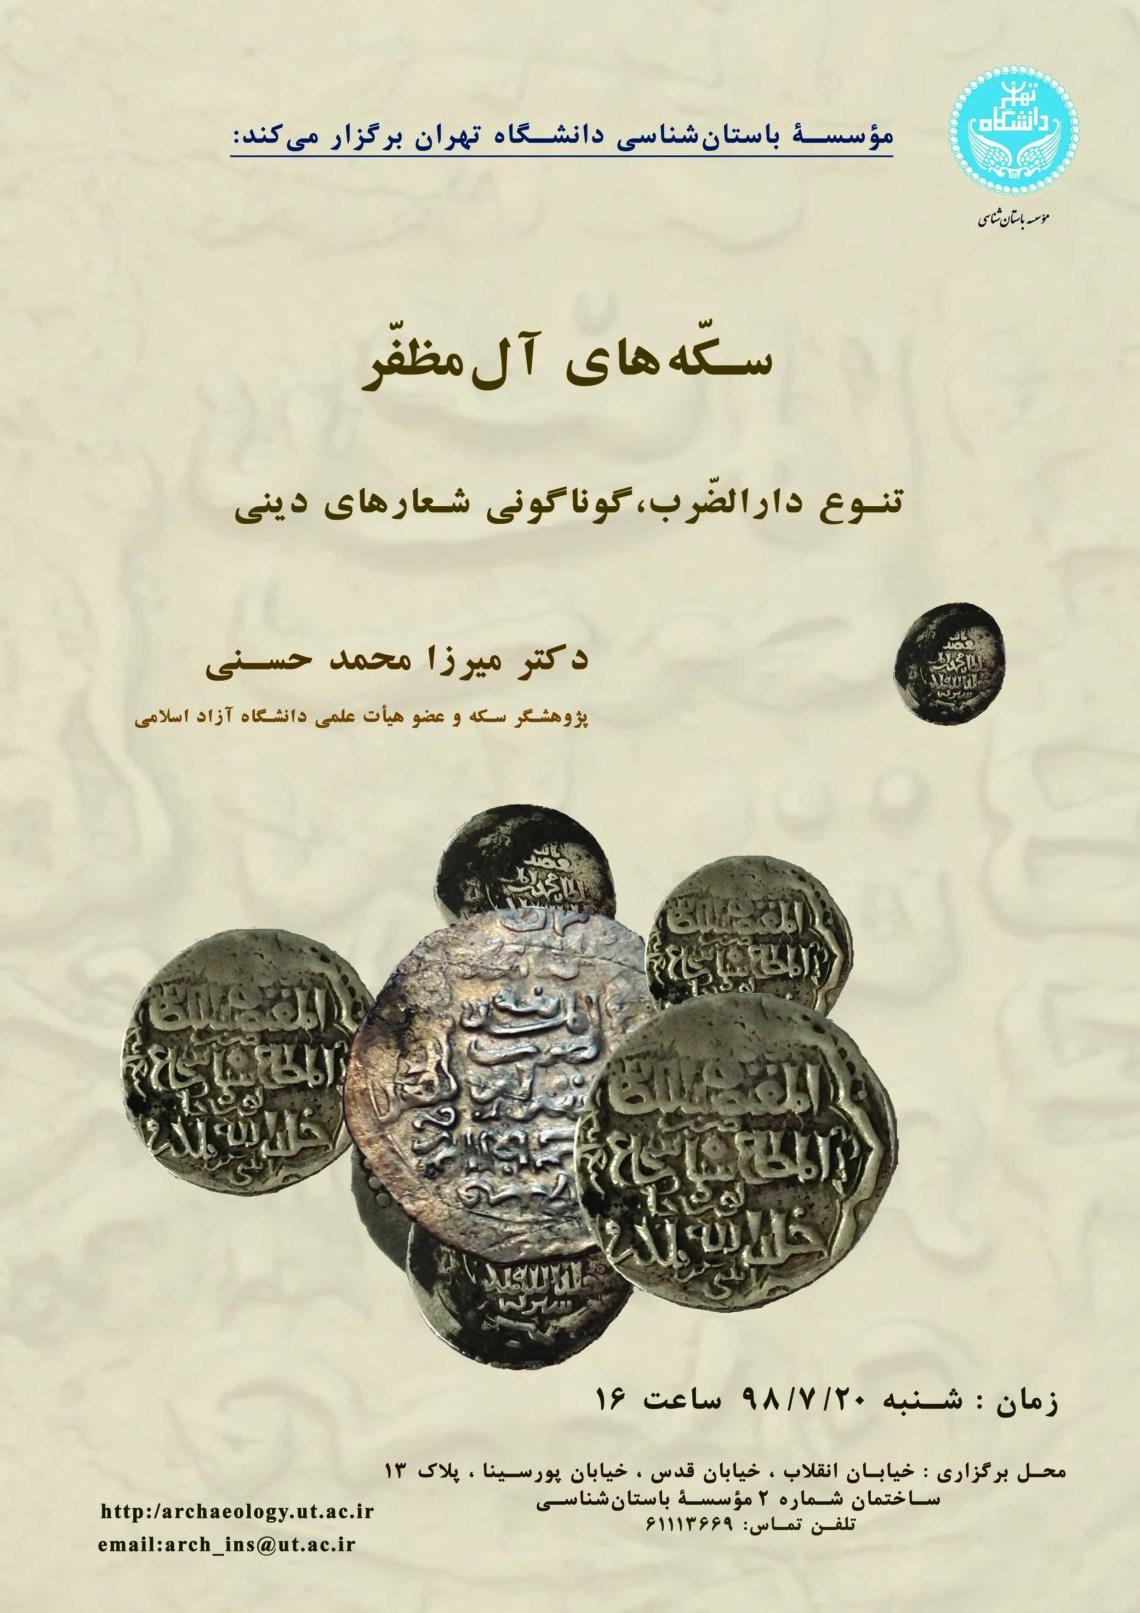 """سخنرانی """" سکّه های آل مظفّر تنوع دارالضّرب، گوناگونی شعارهای دینی  """" در مؤسسۀ باستانشناسی دانشگاه تهران"""